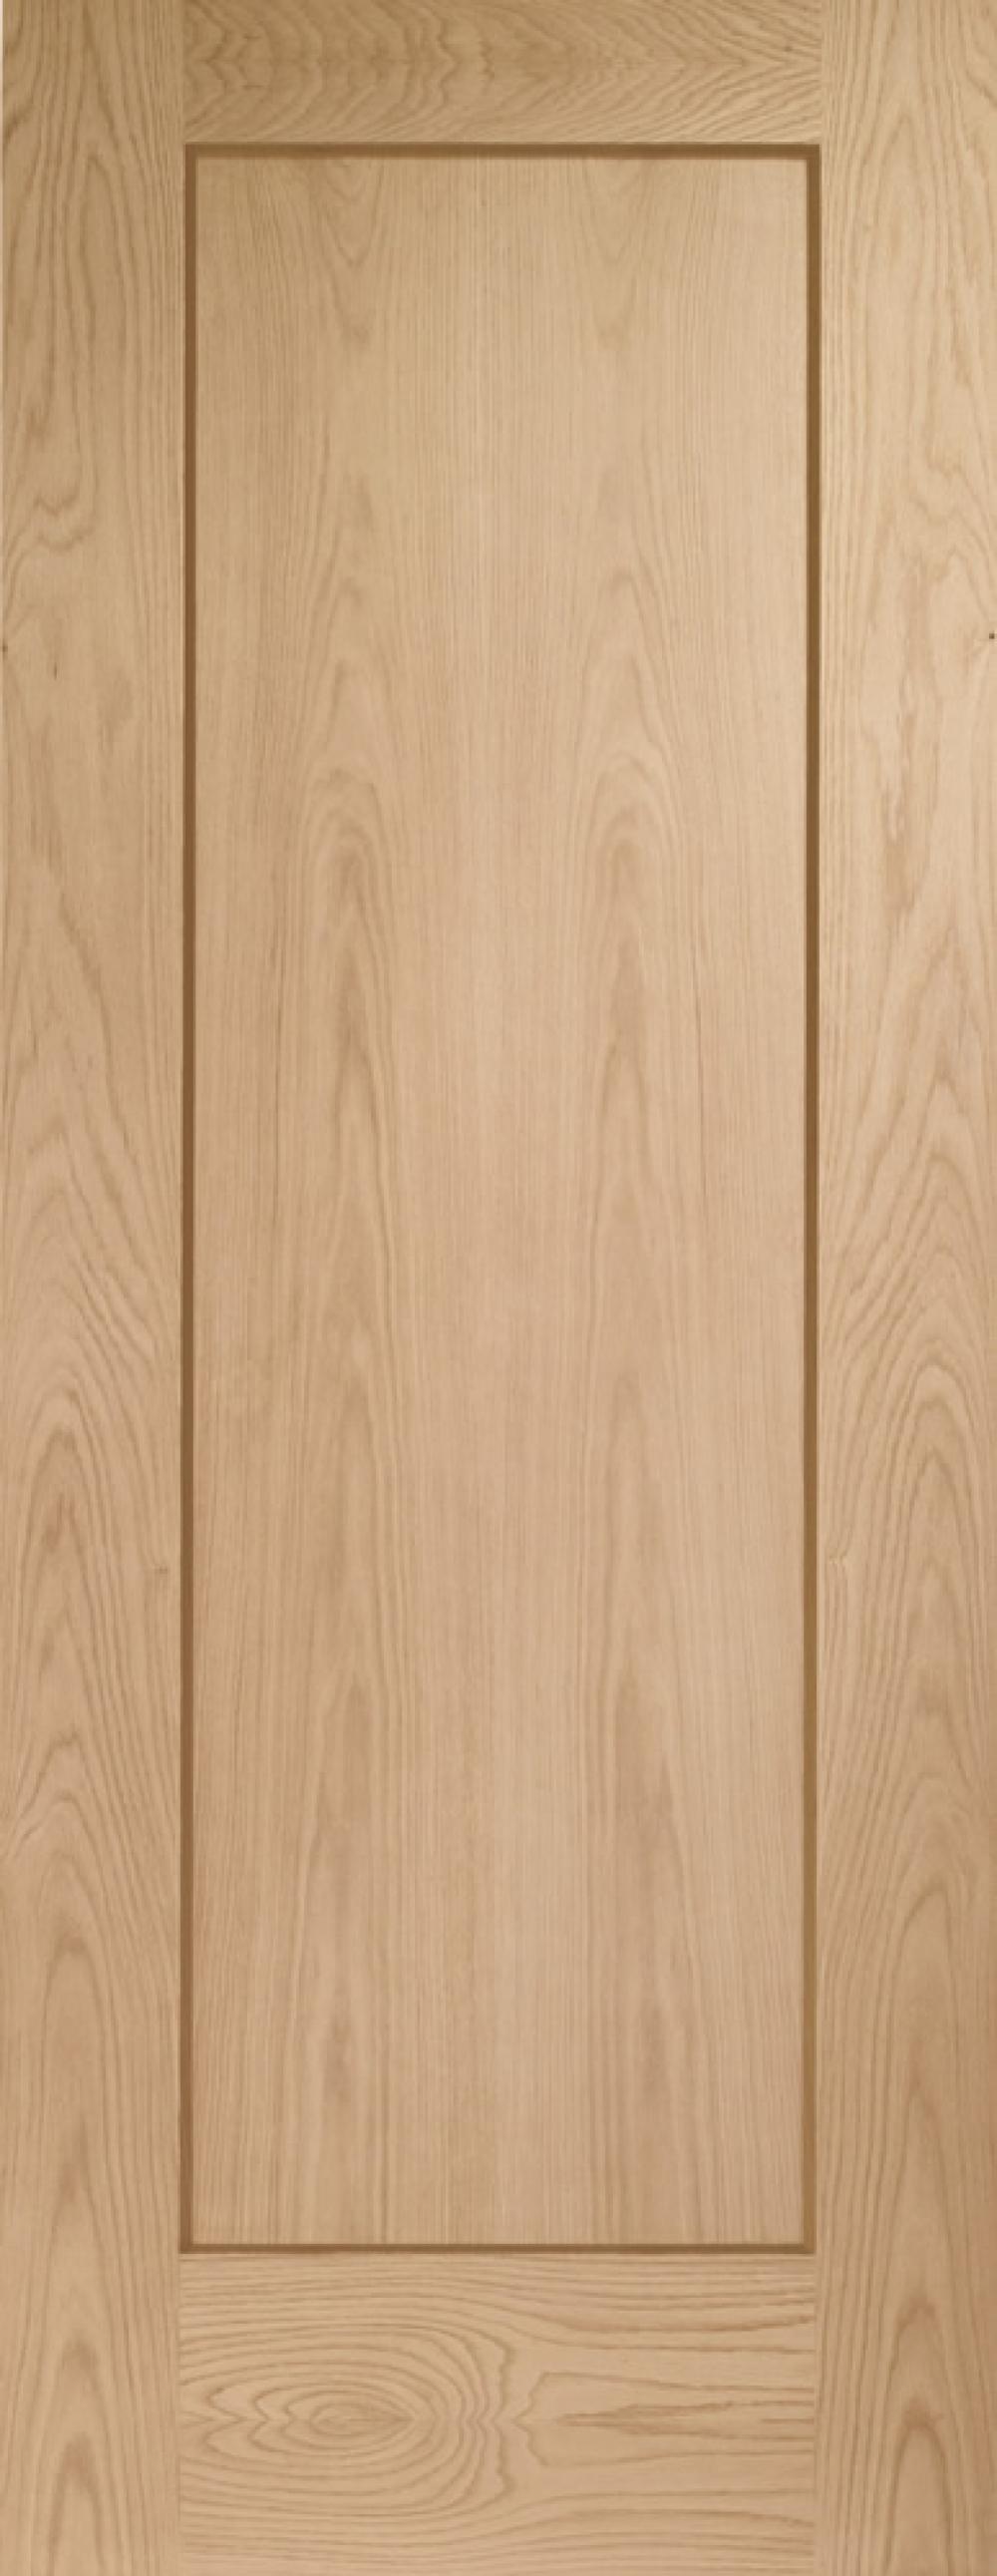 Pattern 10 Oak Door - PREFINISHED